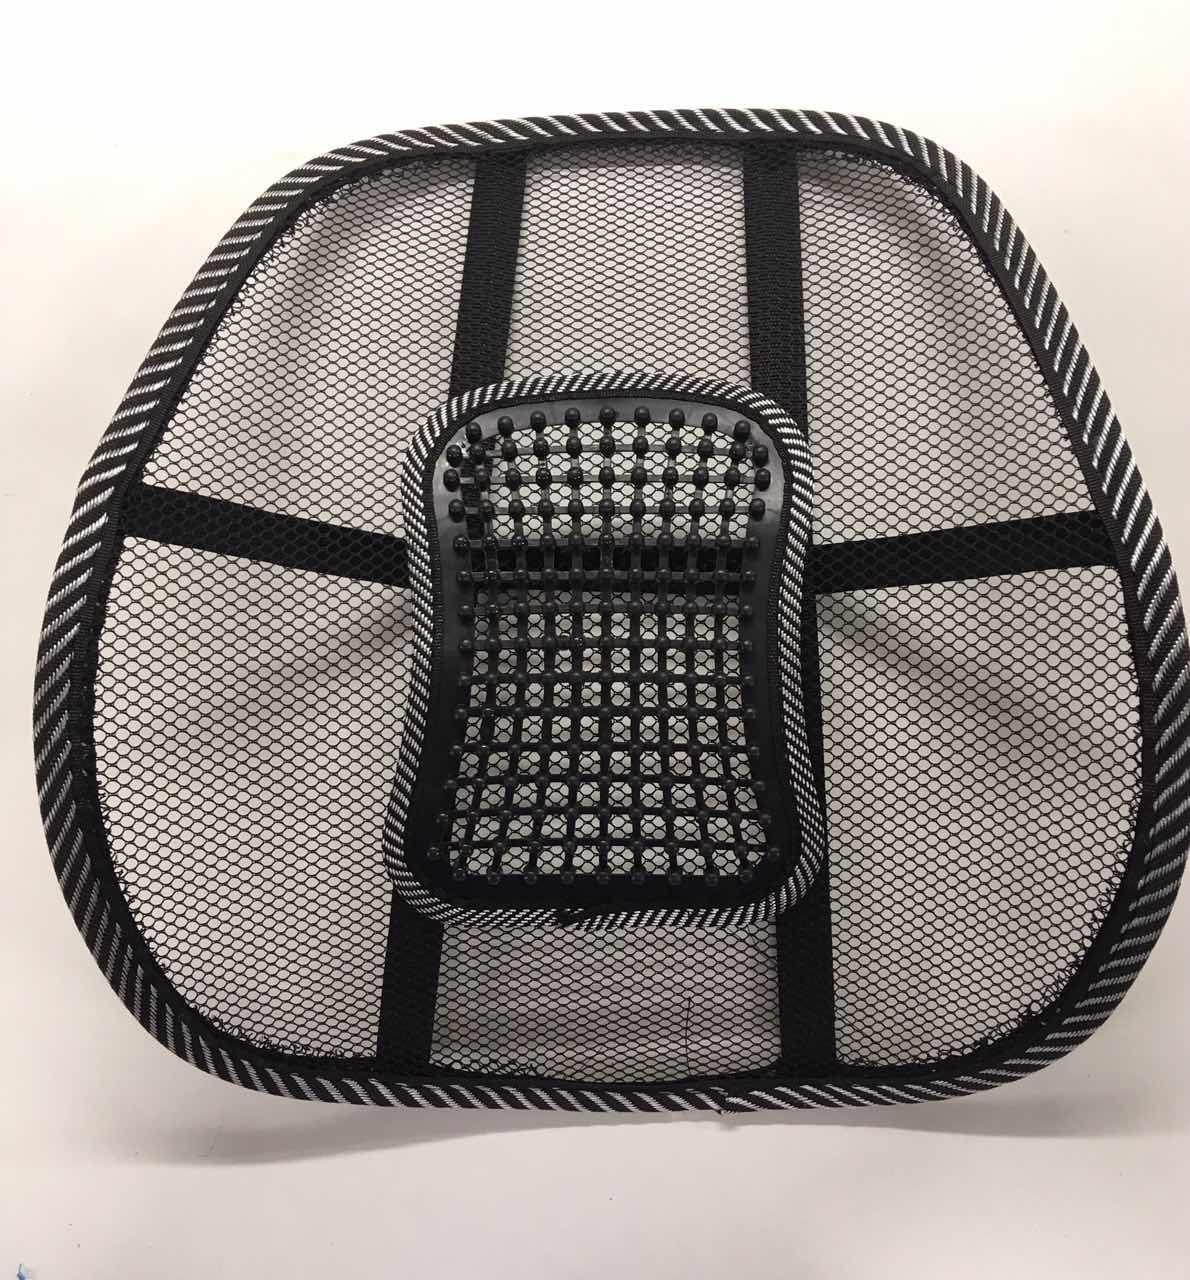 Ортопедическая спинка-подушка для авто и офиса Подробнее